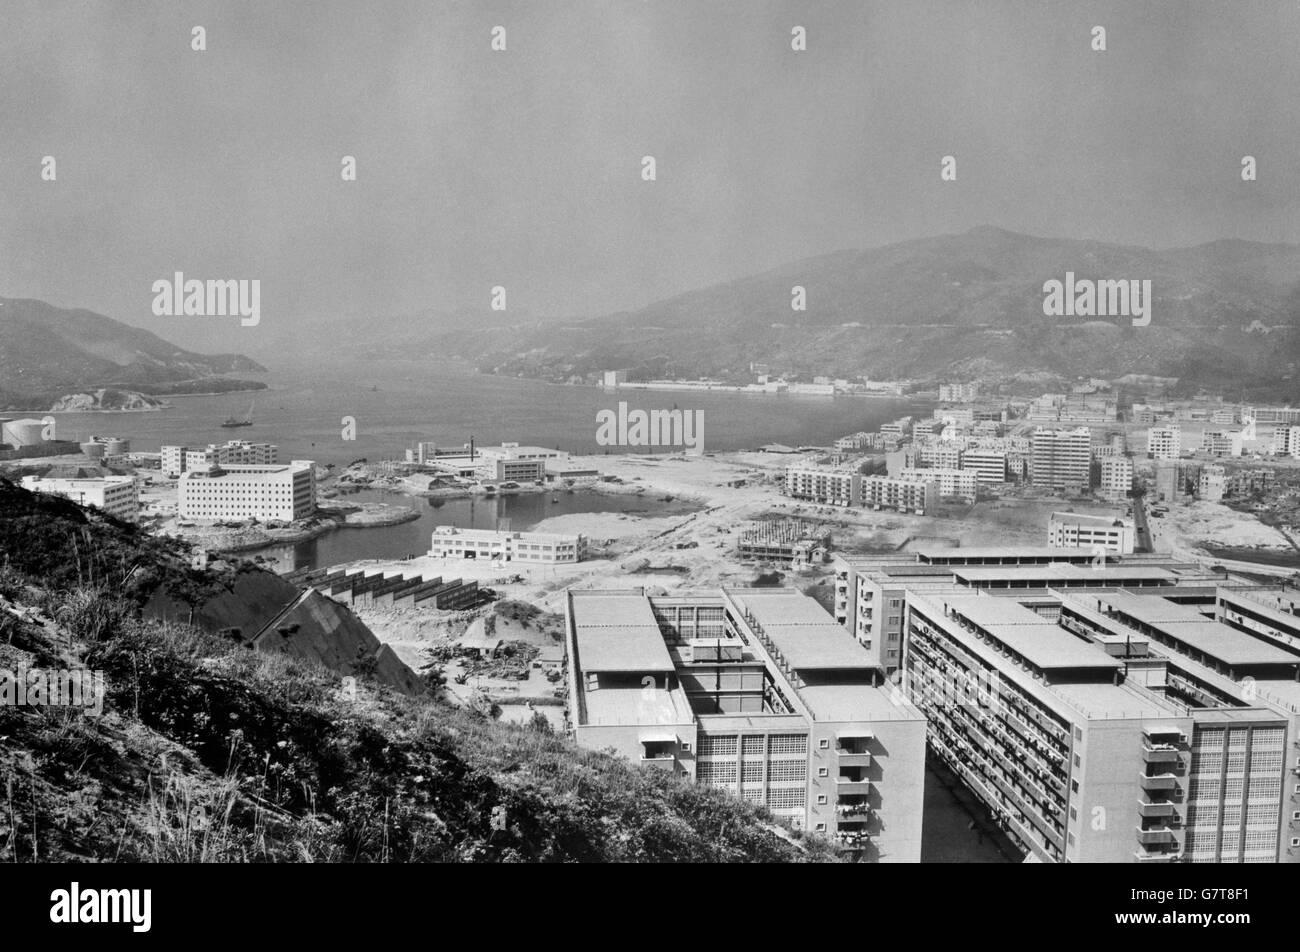 News - Kwai Chung Reclamation Project - Hong Kong Stock Photo